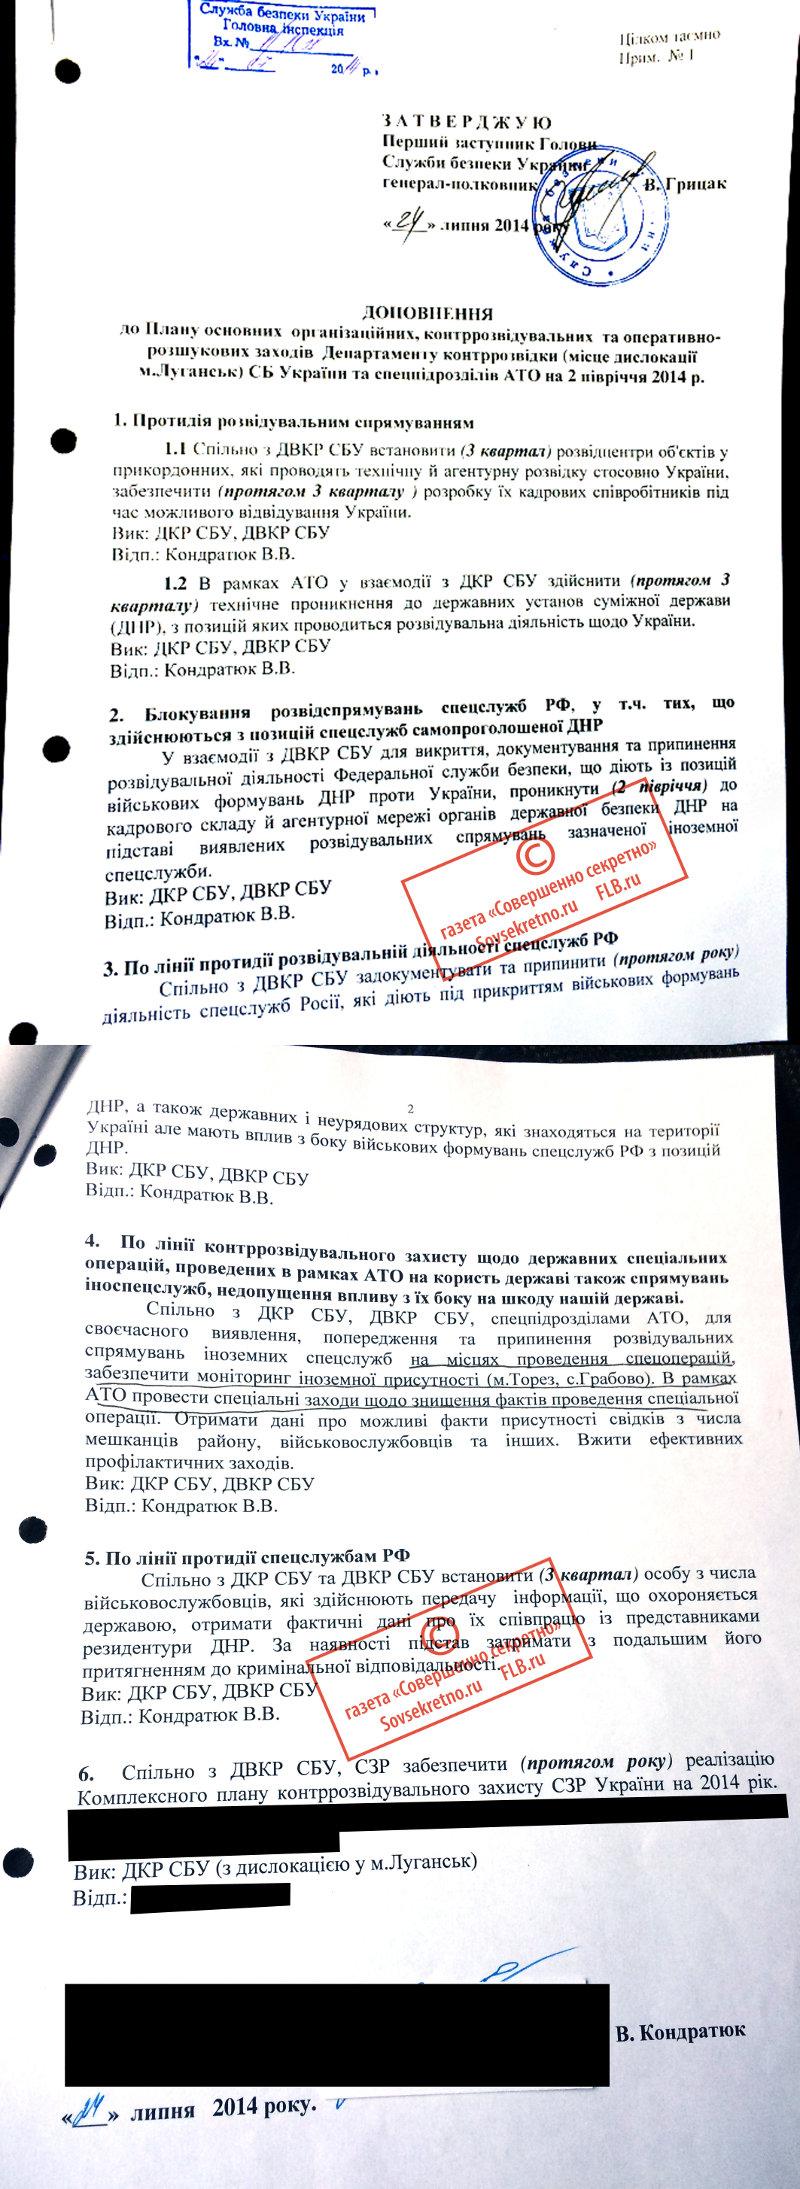 Документ № 3 от 24 июля 2014 года